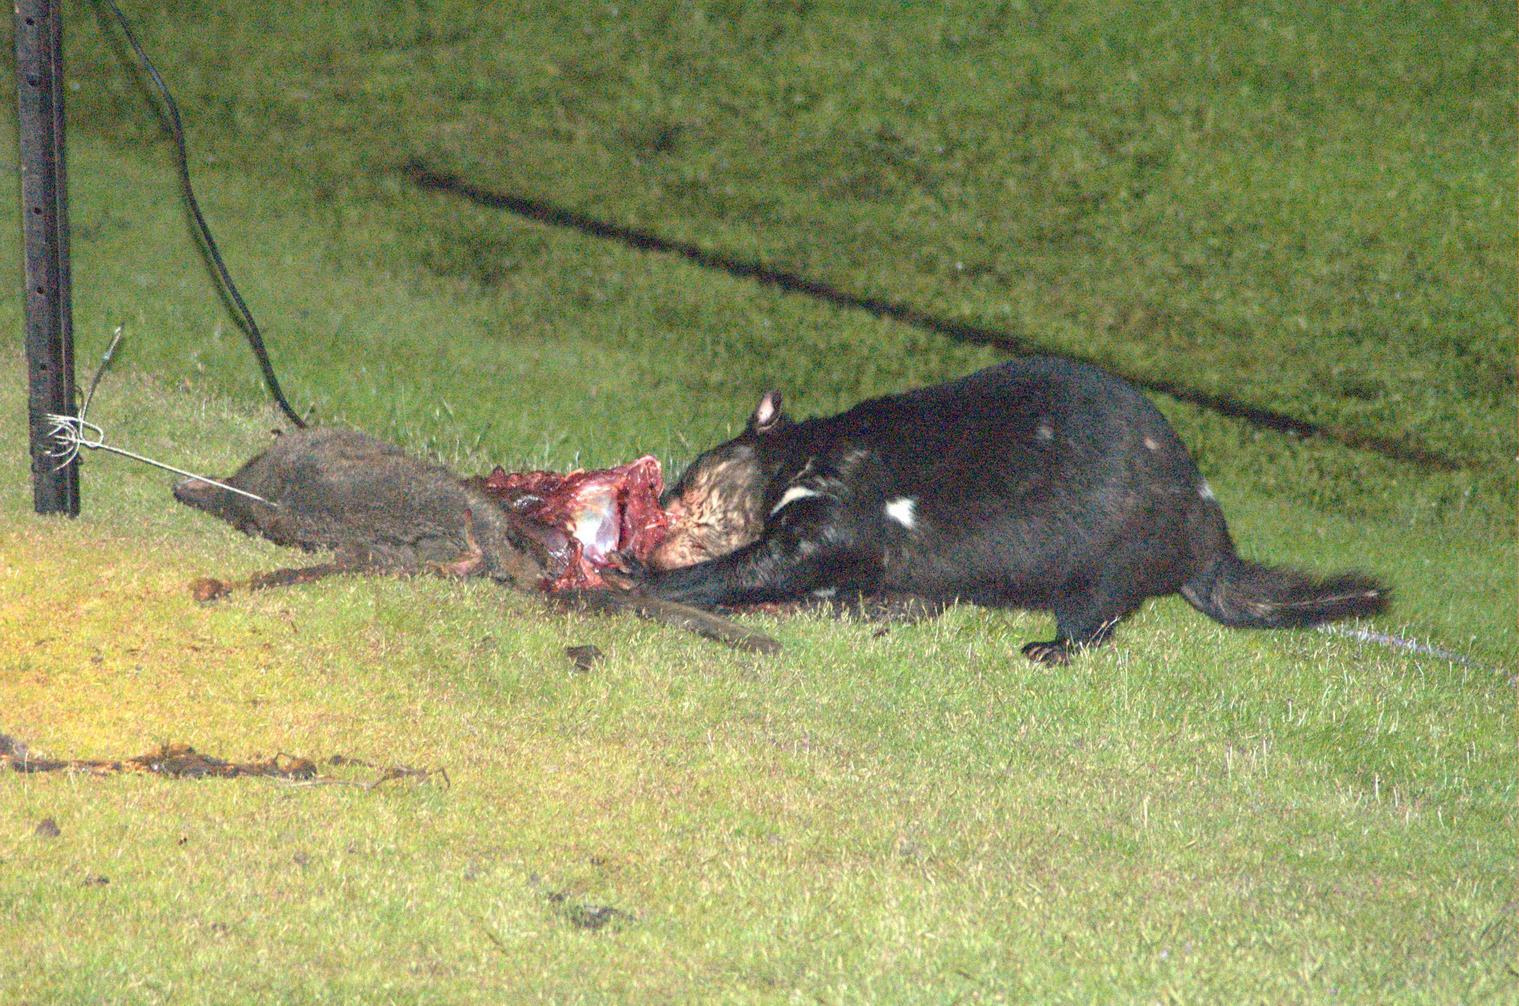 Tasmanian Devil Eating Roadkill